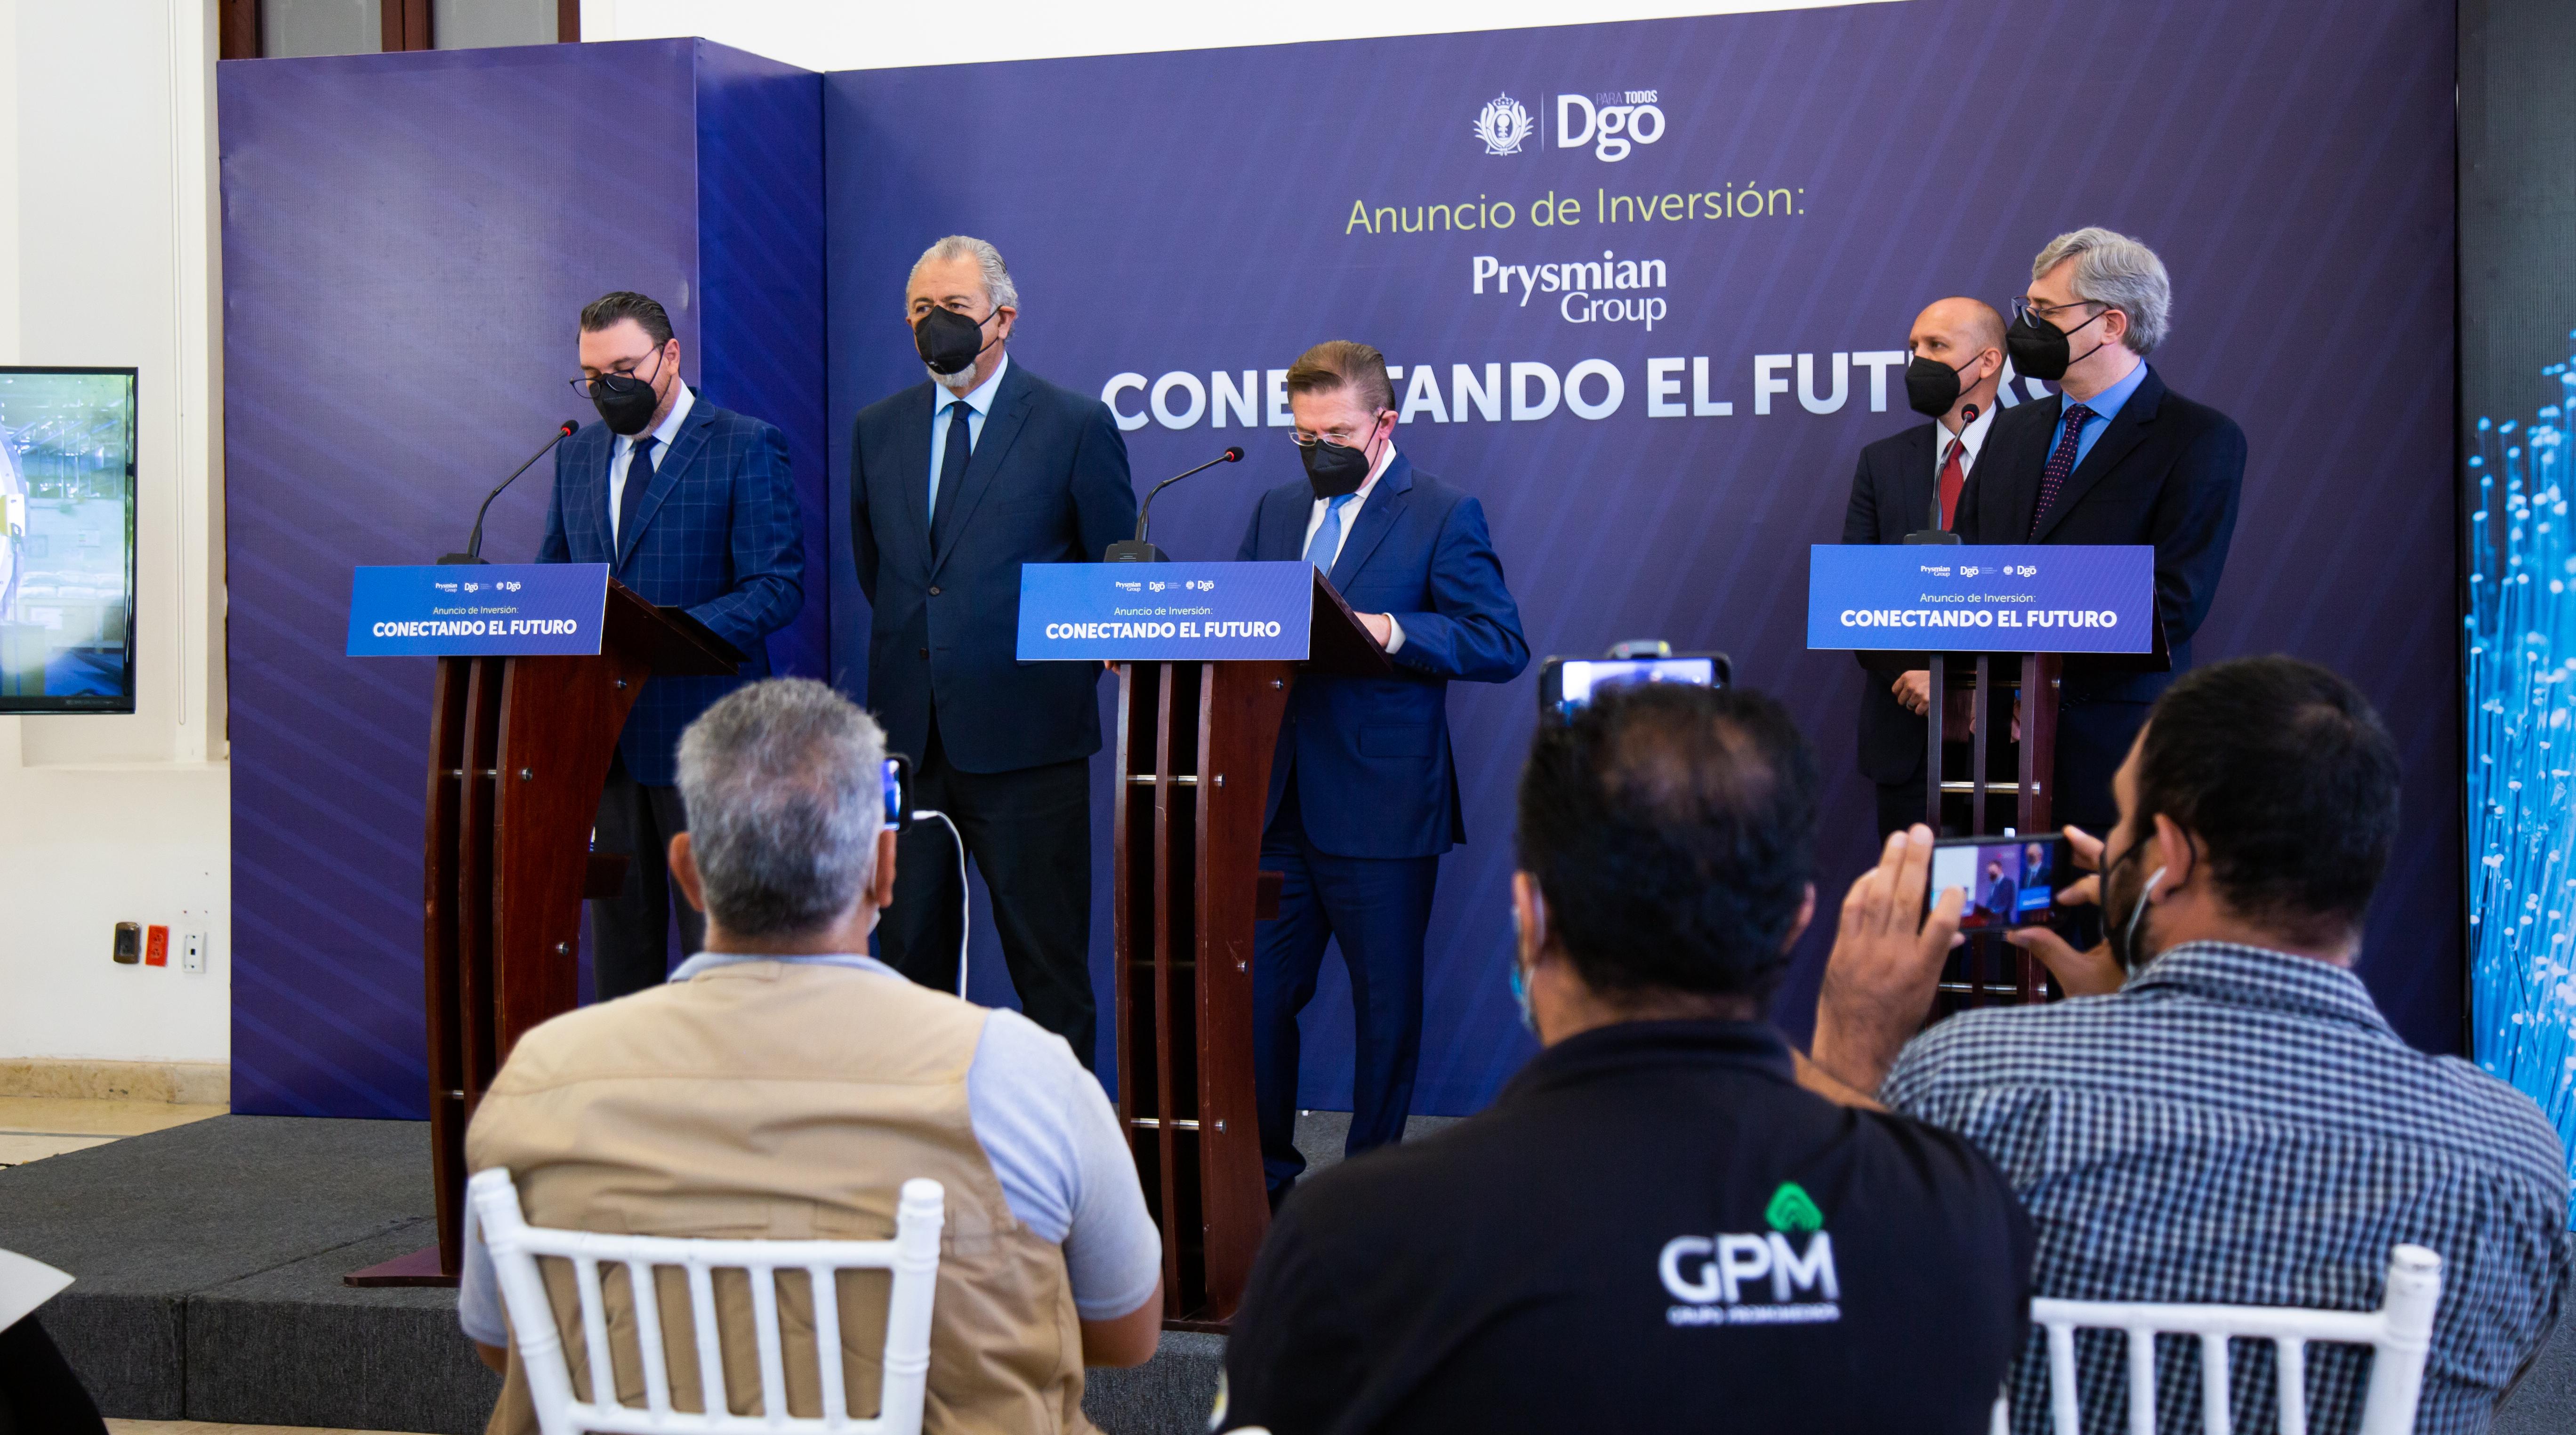 GRUPO PRYSMIAN ANUNCIA INVERSION DE 27 MDD PARA EXPANSIÓN  DE PLANTA DE FIBRA OPTICA EN DURANGO